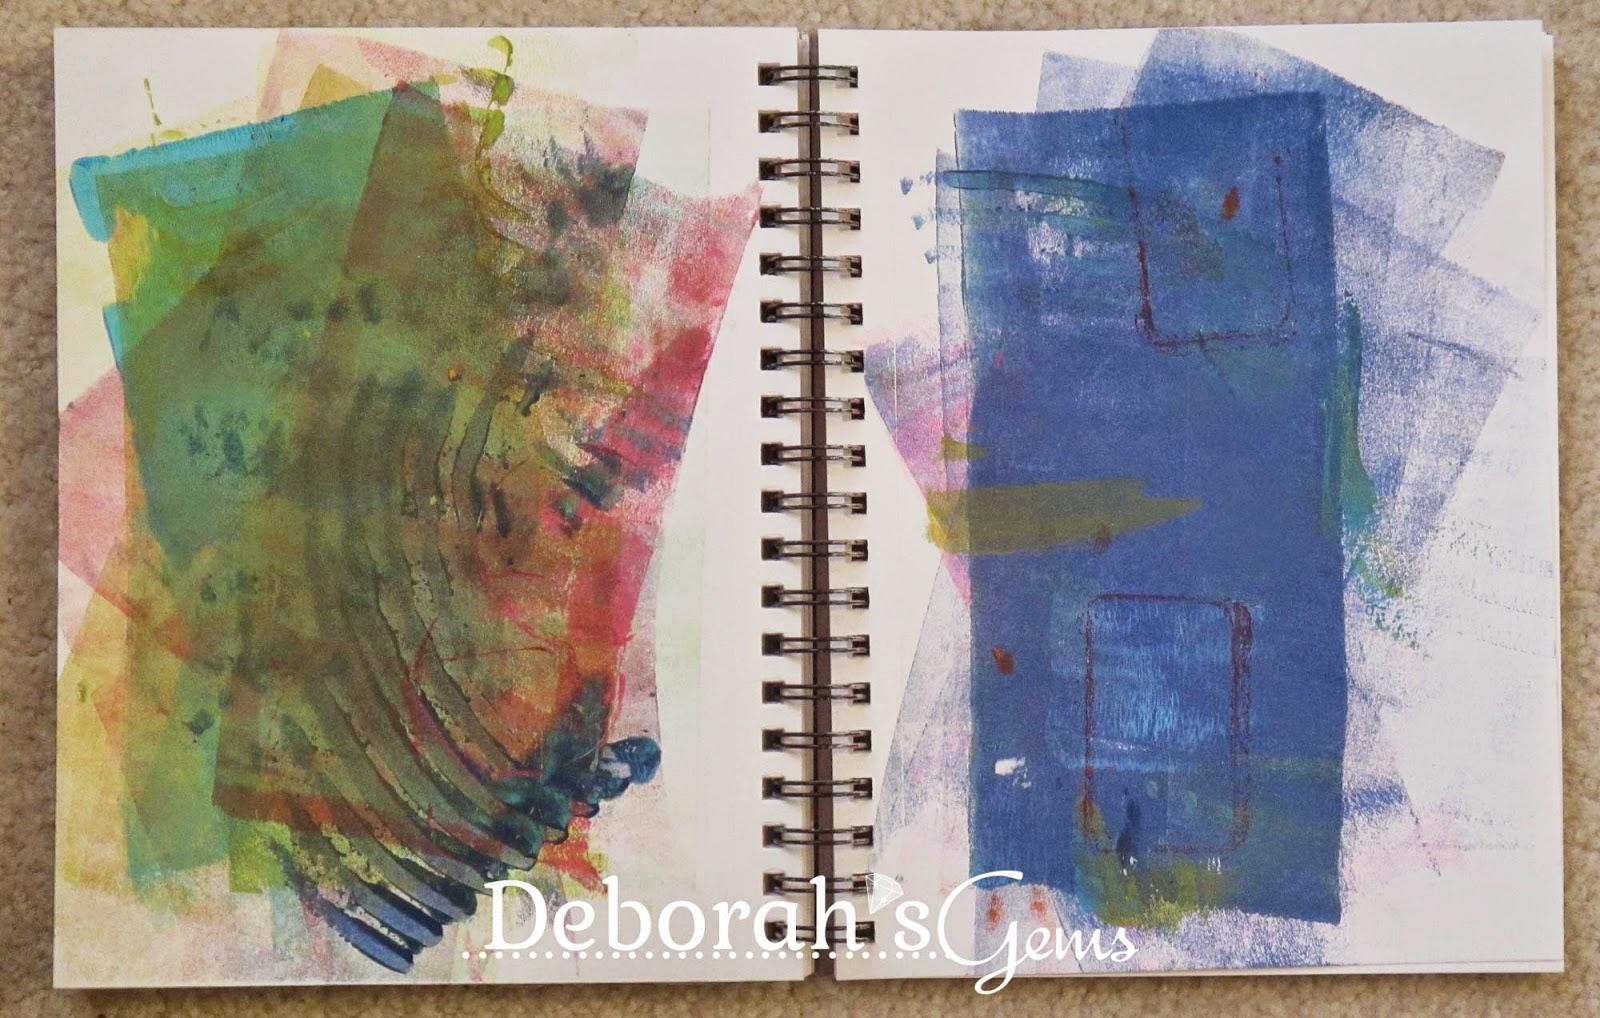 365 Journal 3 - photo by Deborah Frings - Deborah's Gems